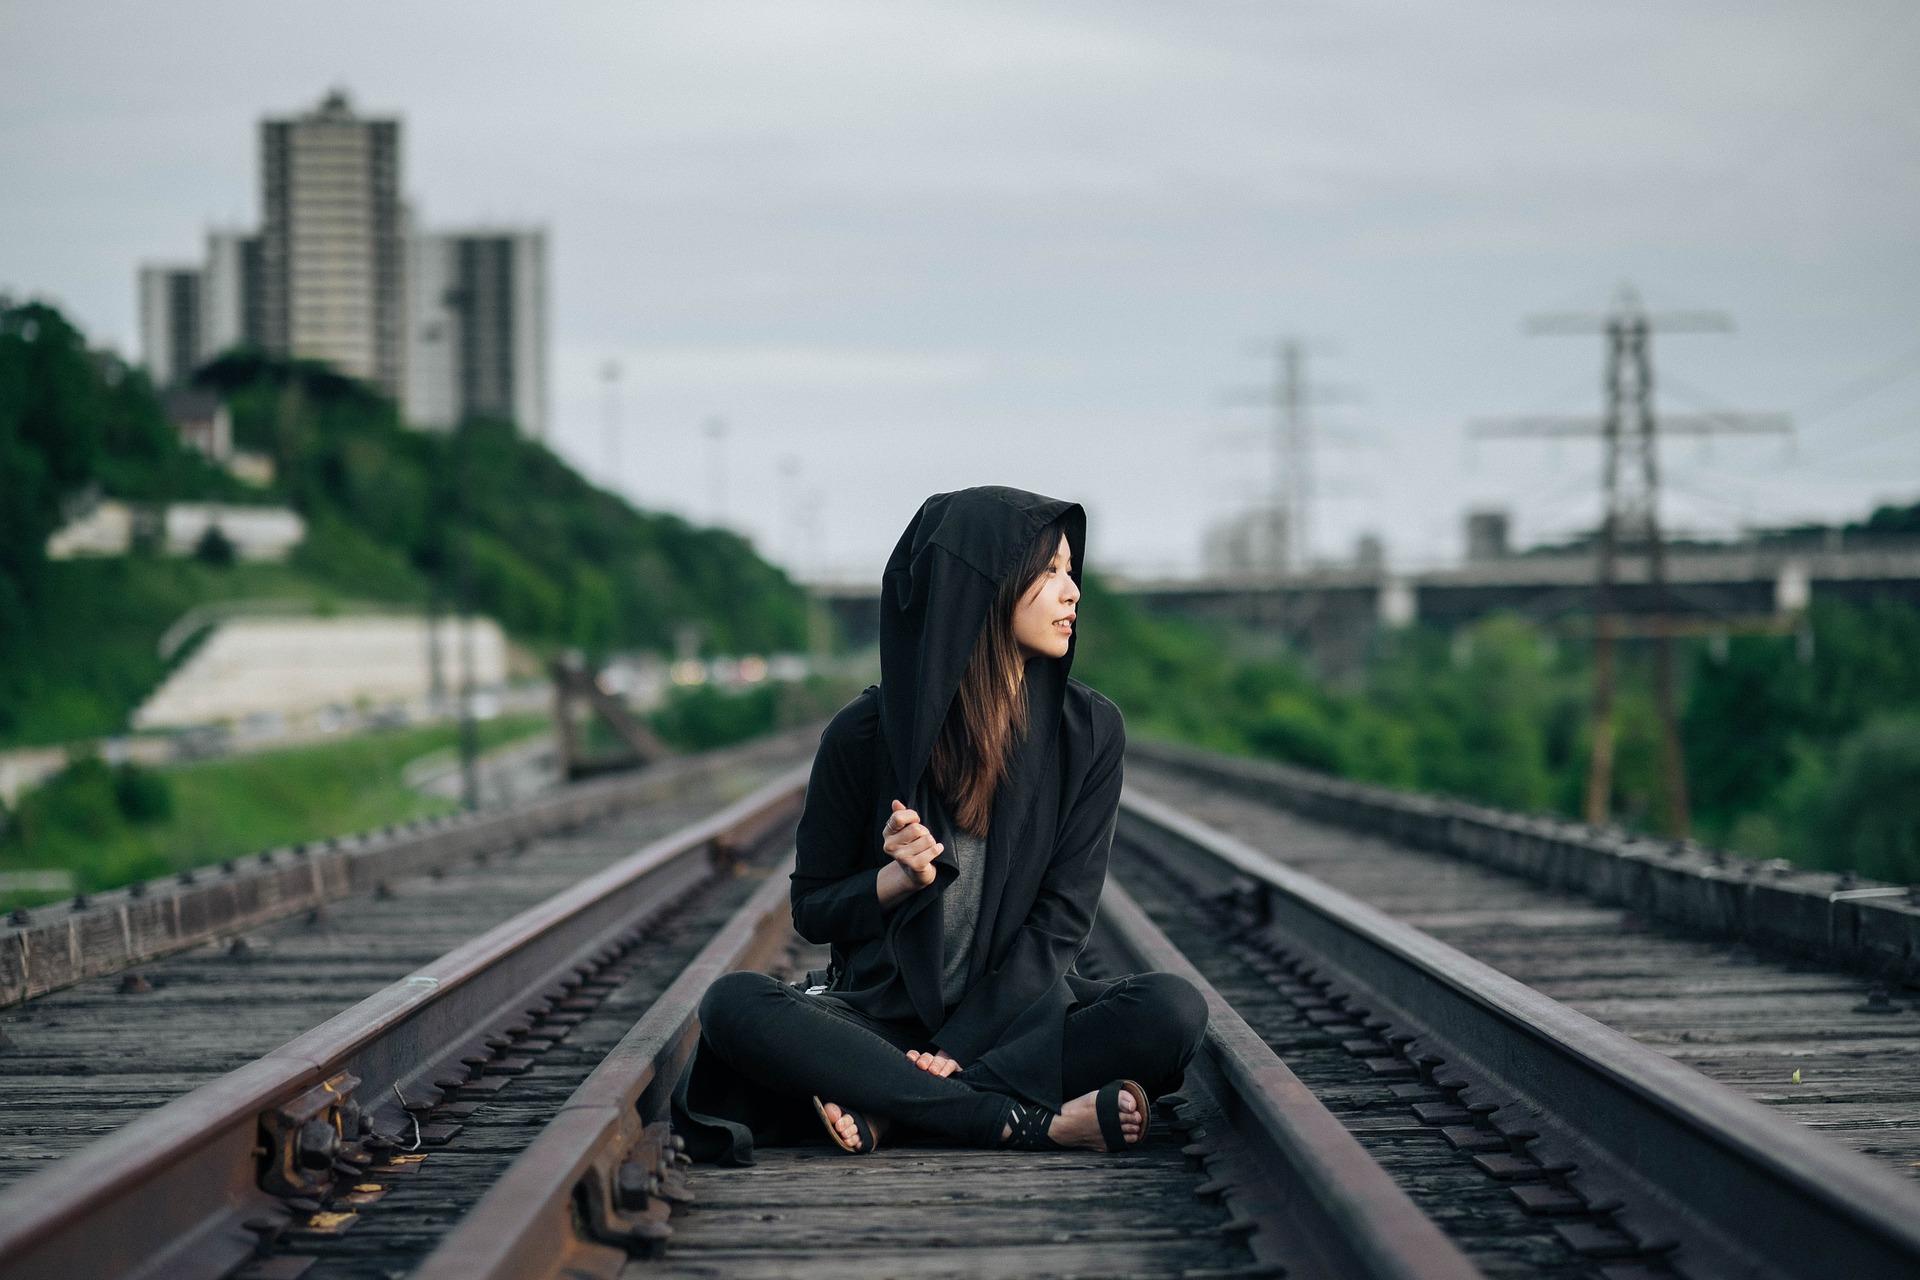 Pojam lepote u Južnoj Koreji